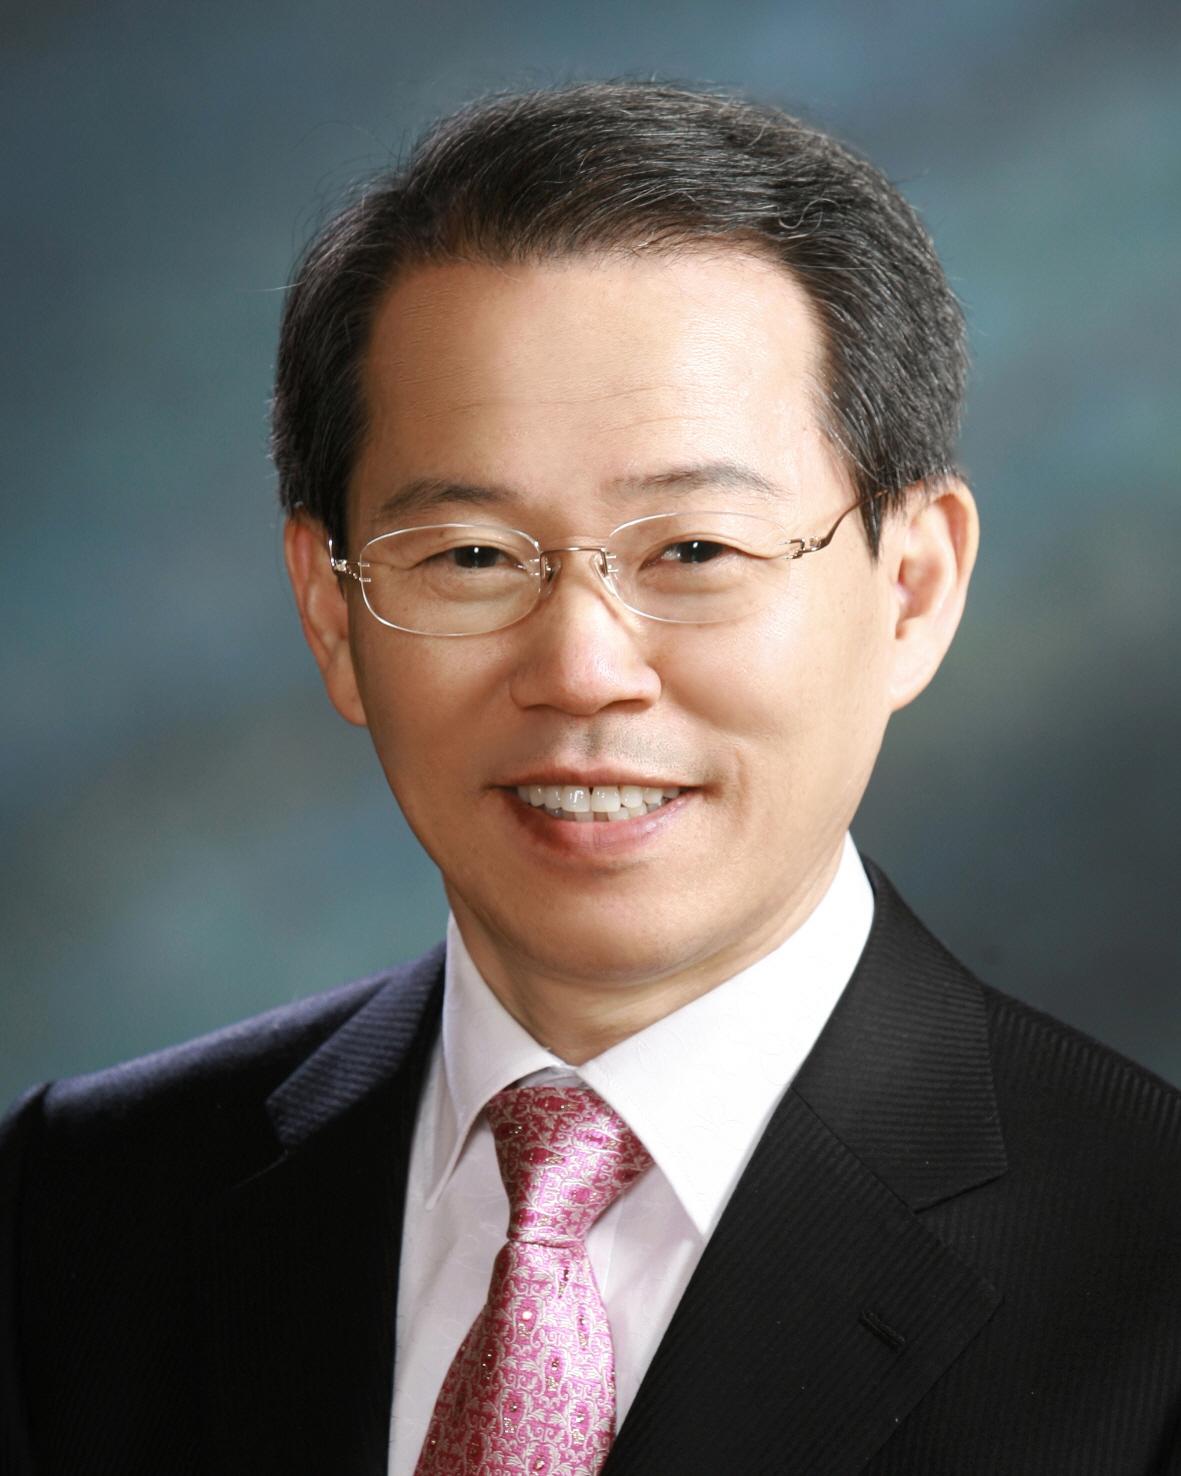 김성천 목사